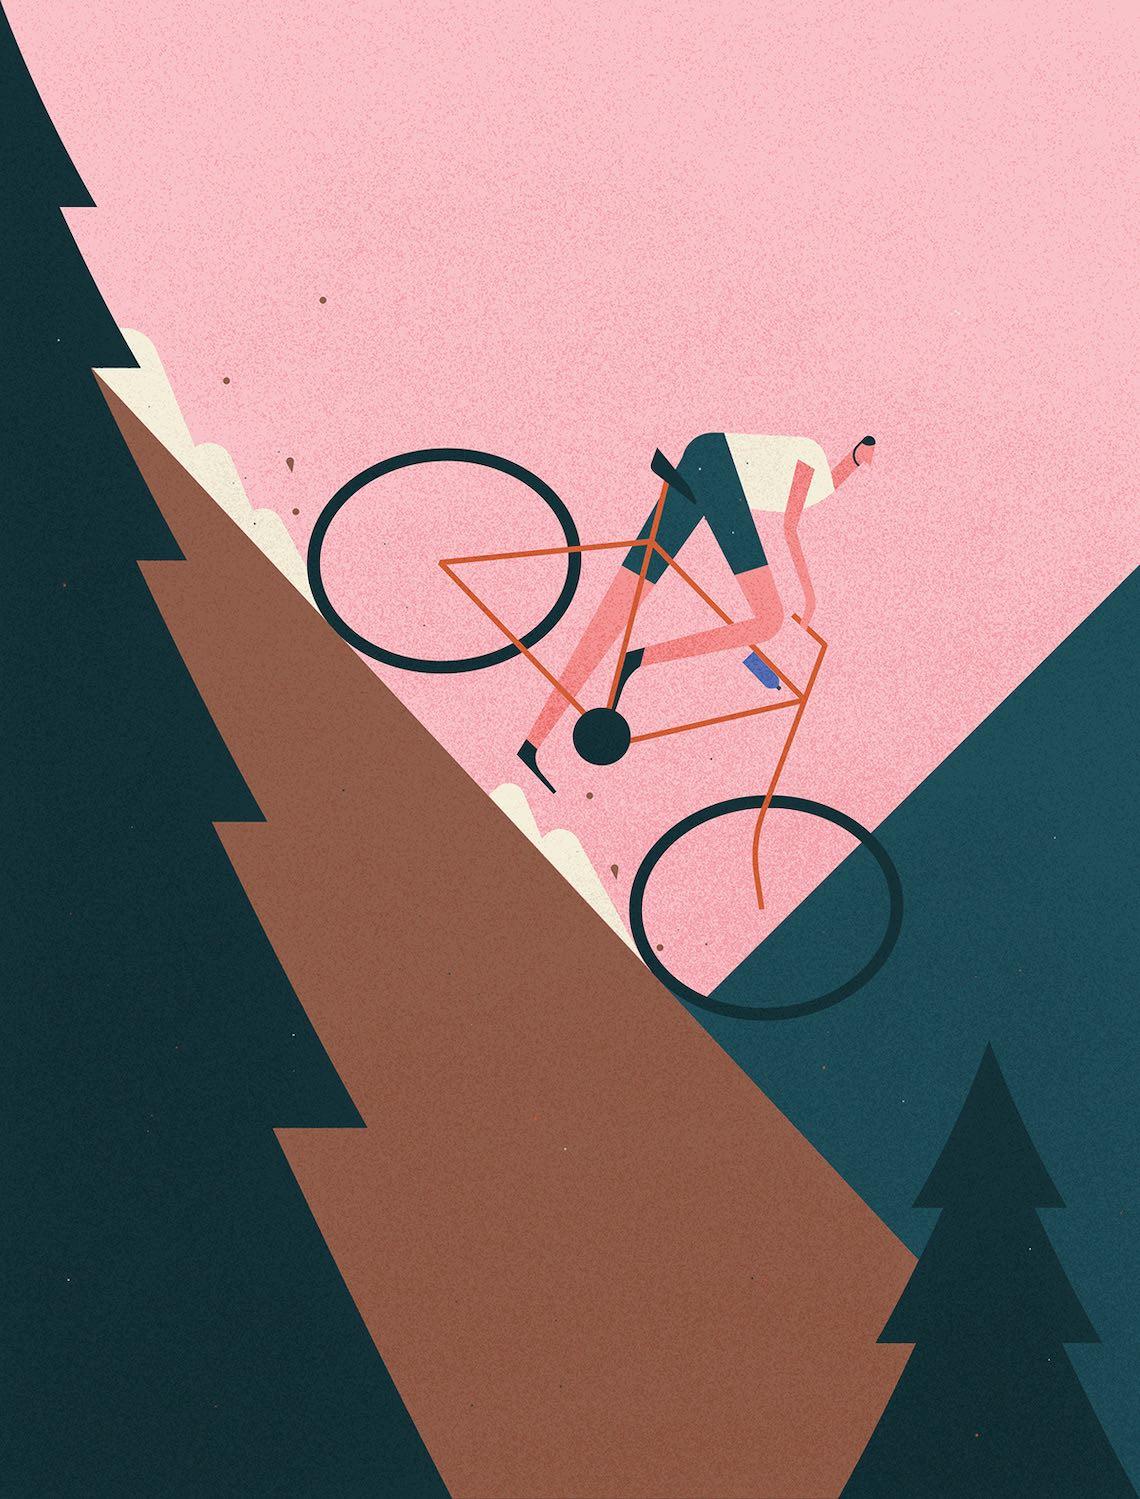 Fran Labuschagne illustrations_Easyjet Traveller_4